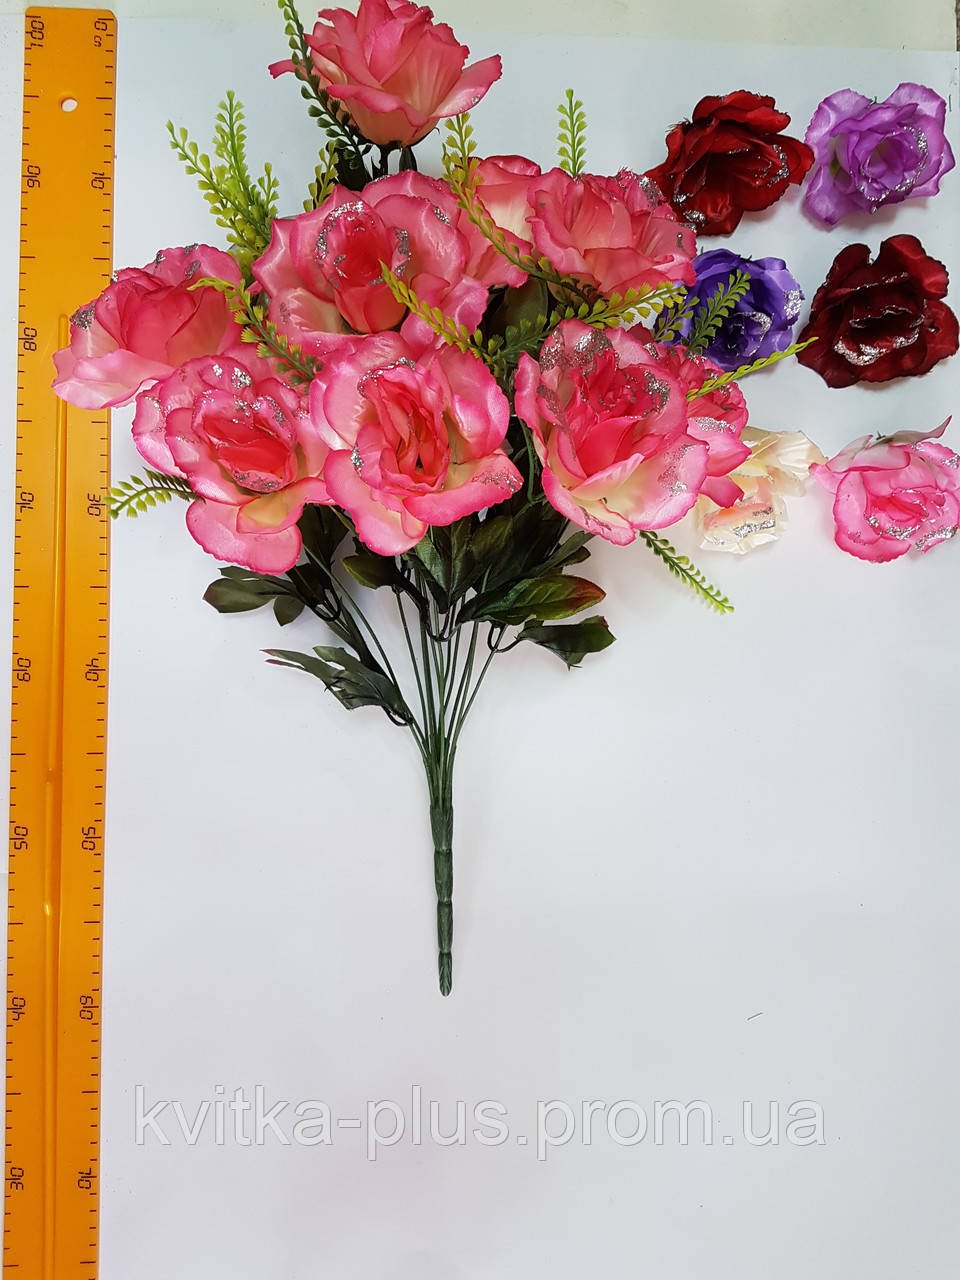 Купить искусственные цветы для ритуальных услуг оптом дешево в харькове купить радужные розы в екатеринбурге